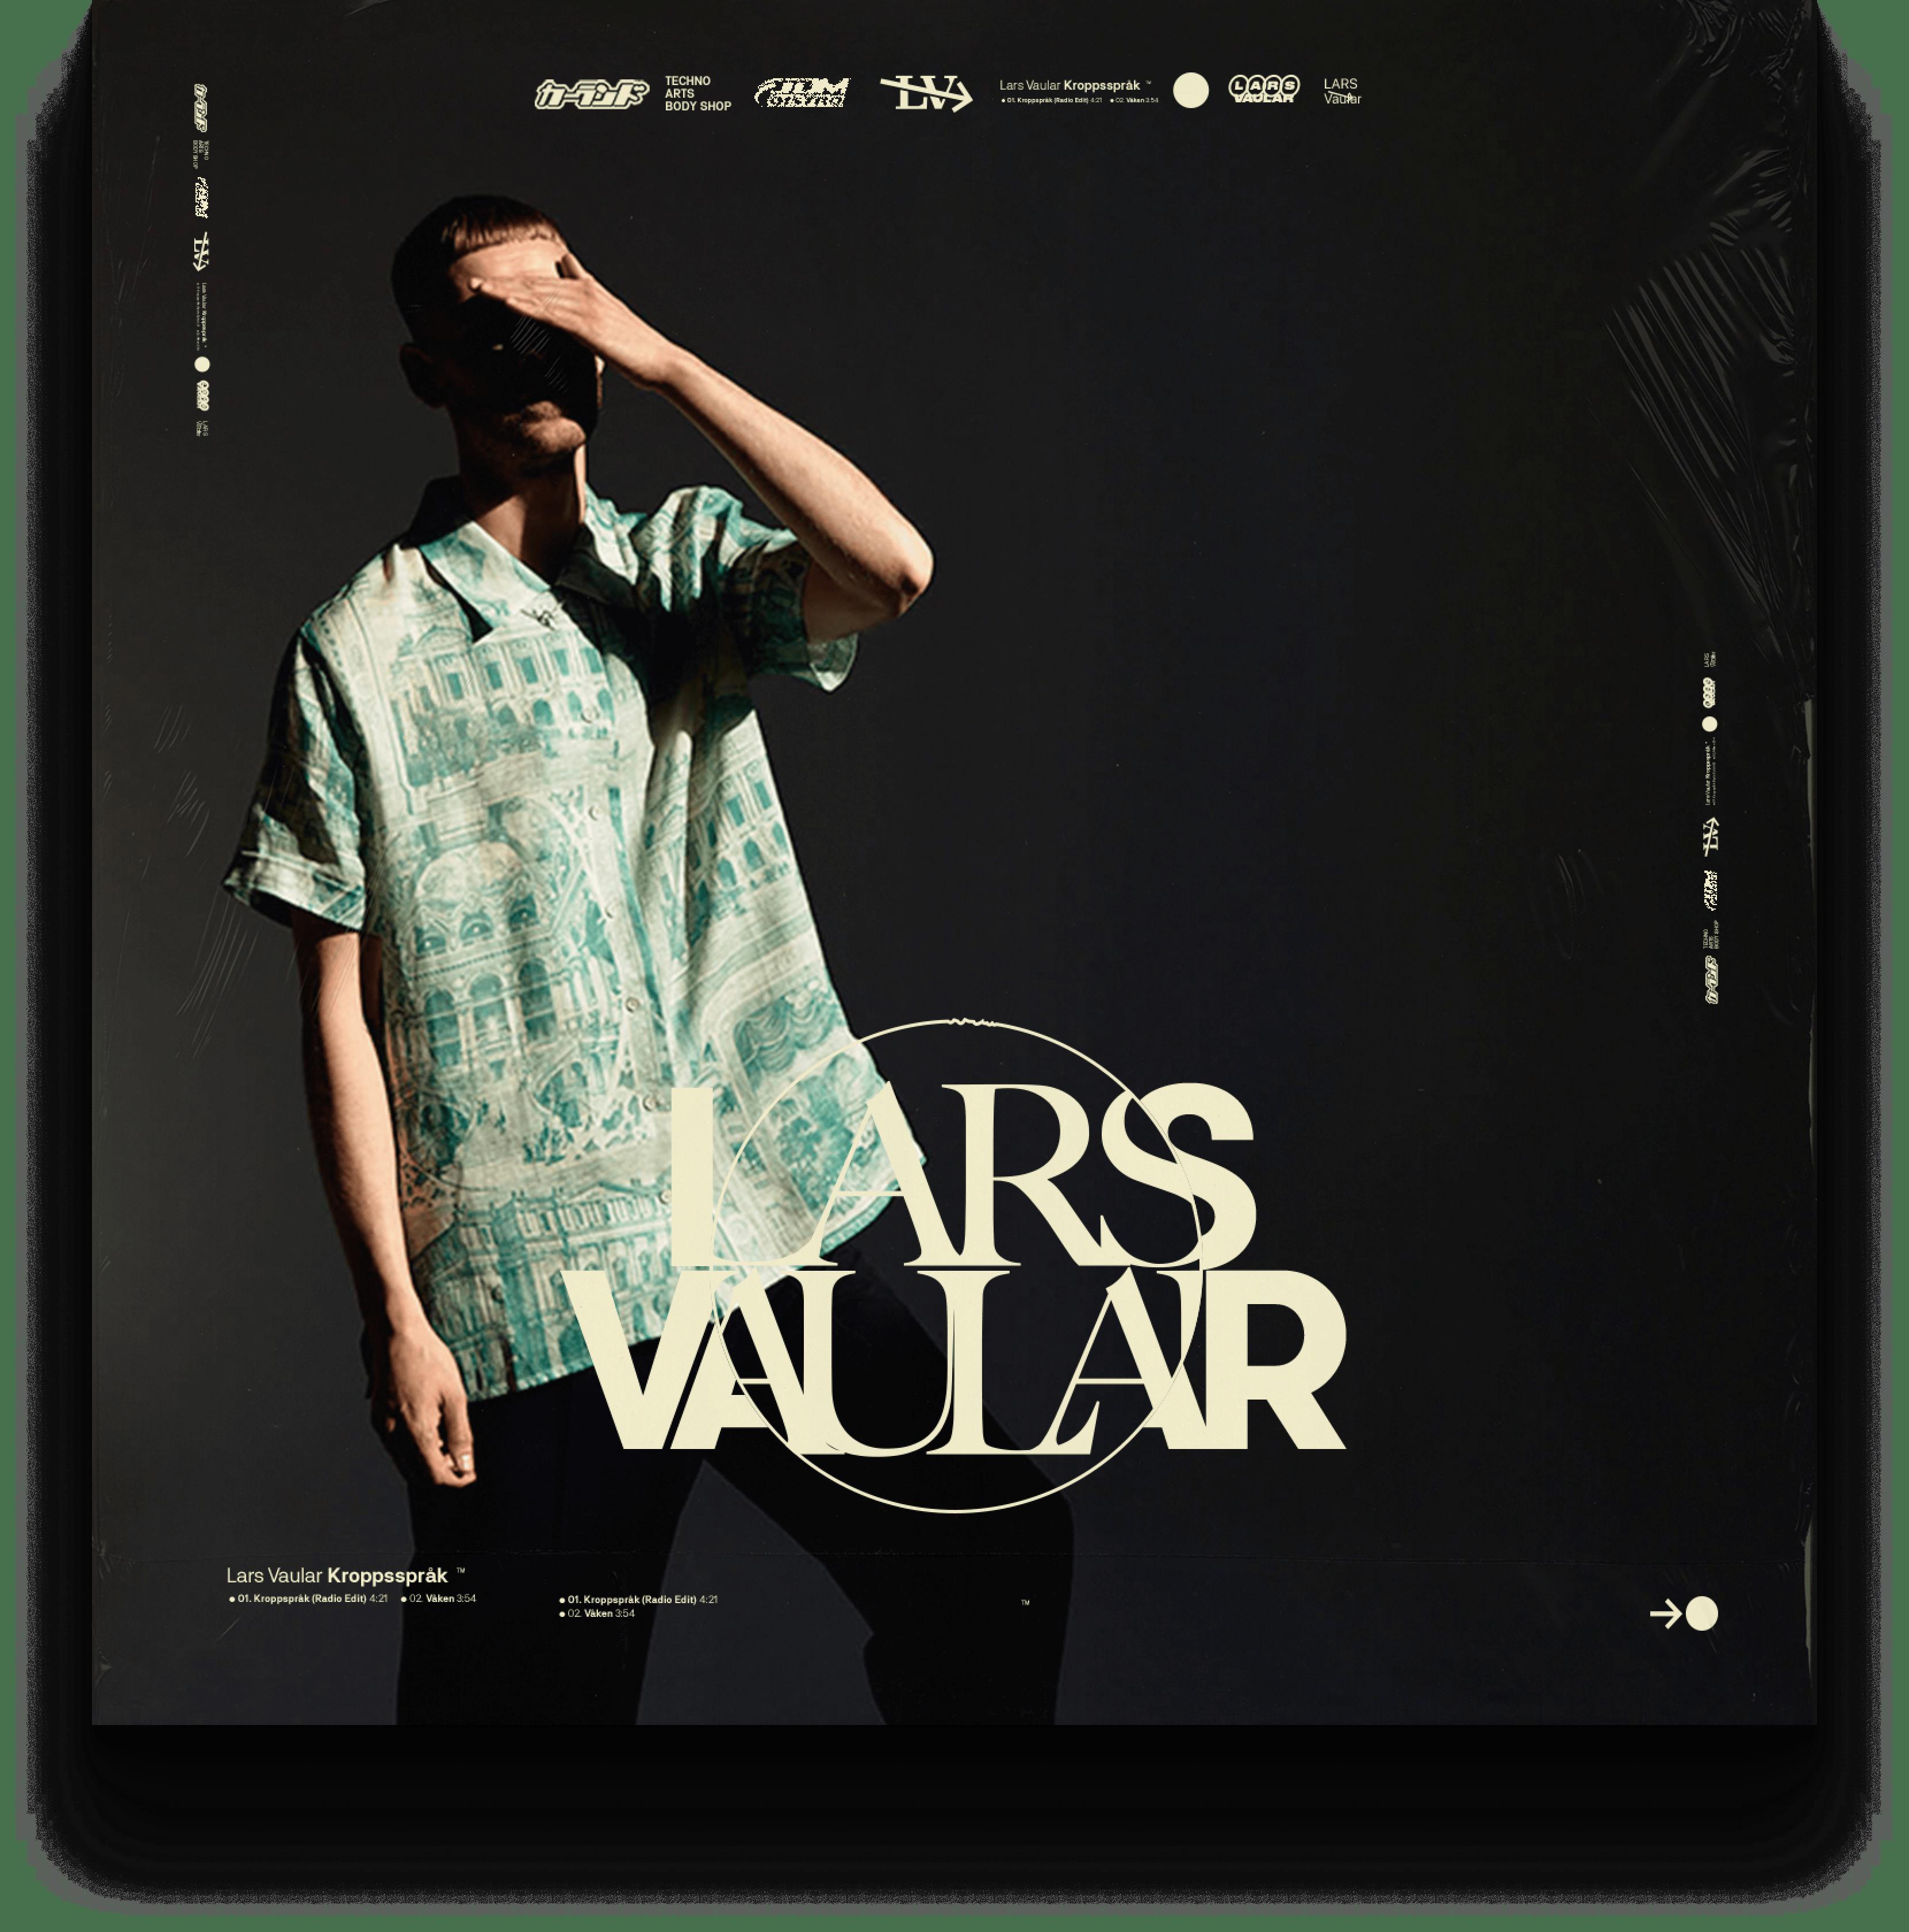 Lars-Vaular-Mockup